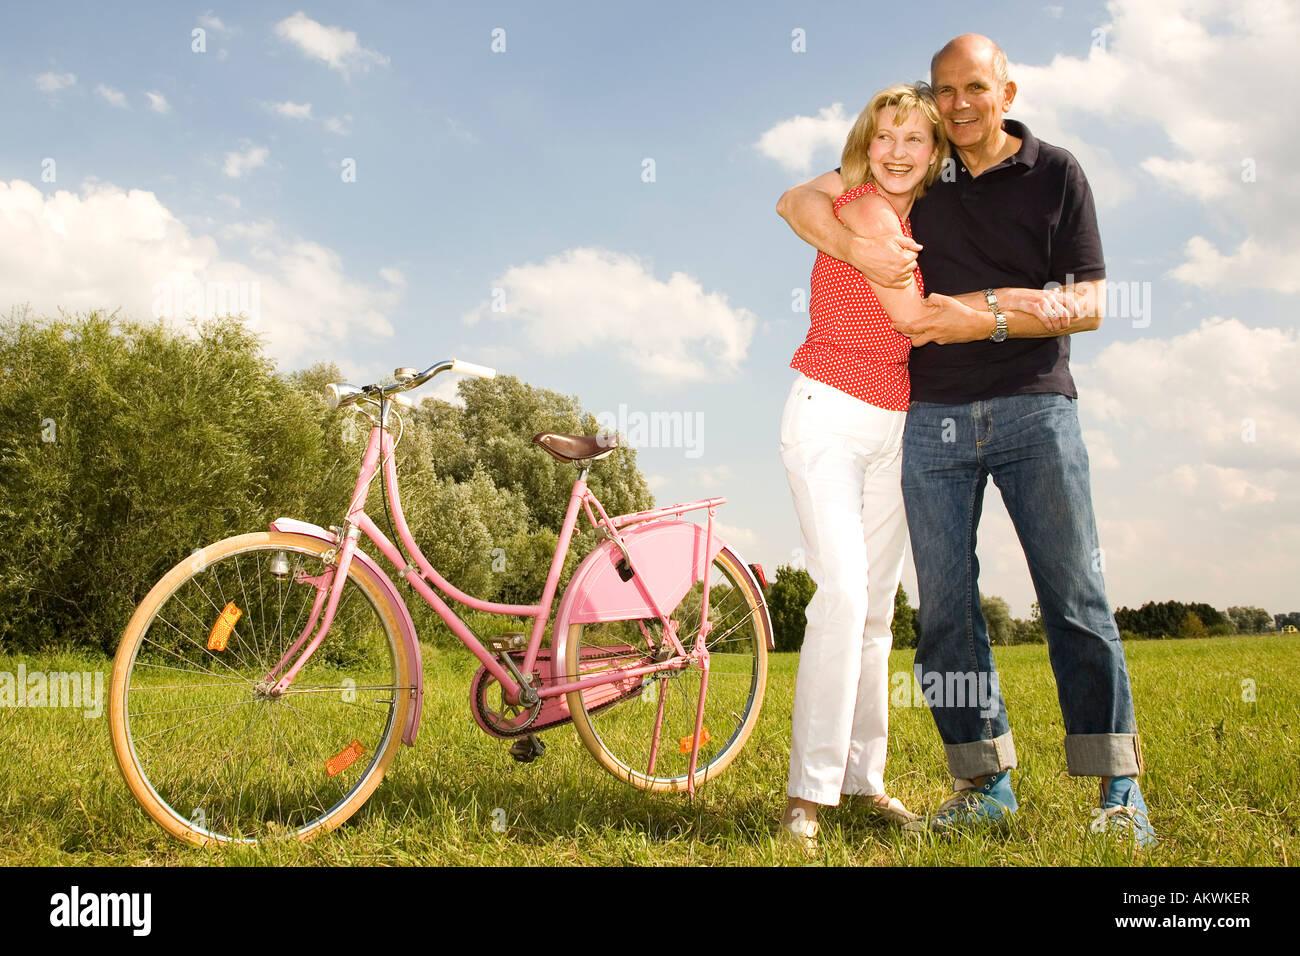 mature couple riding bike stock photo: 15081310 - alamy